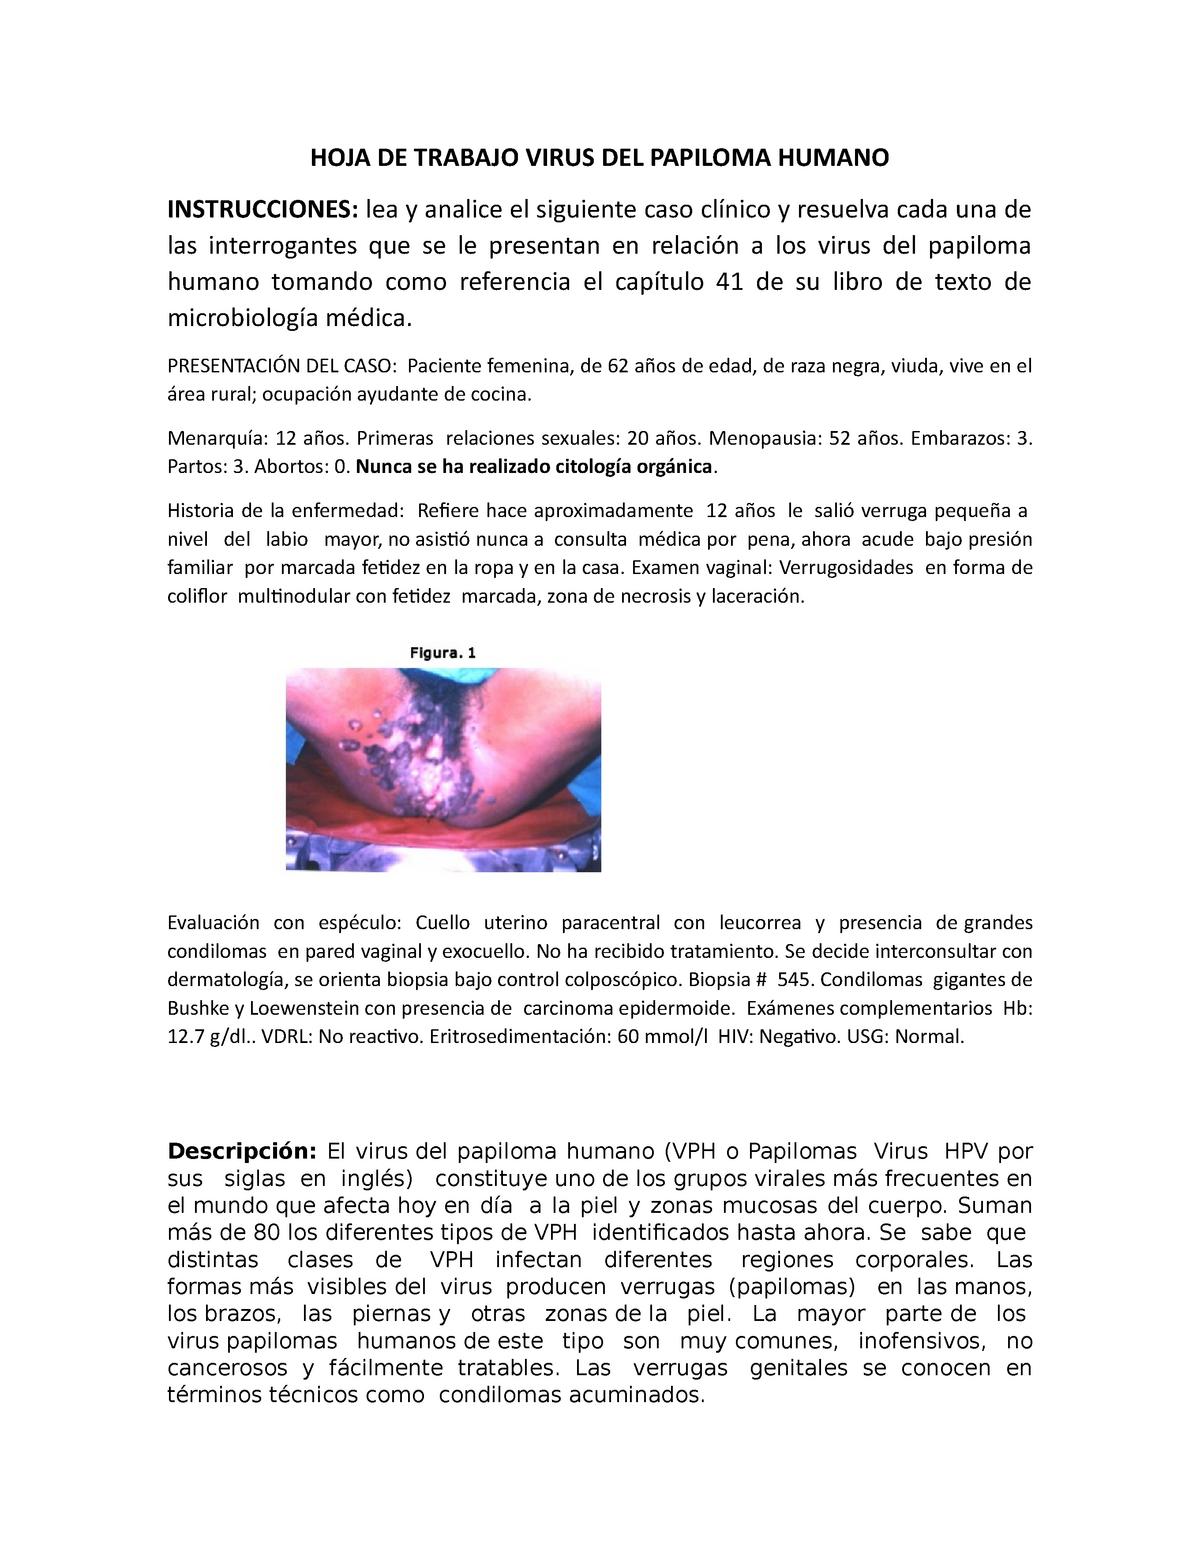 virus papiloma humano microbiologia